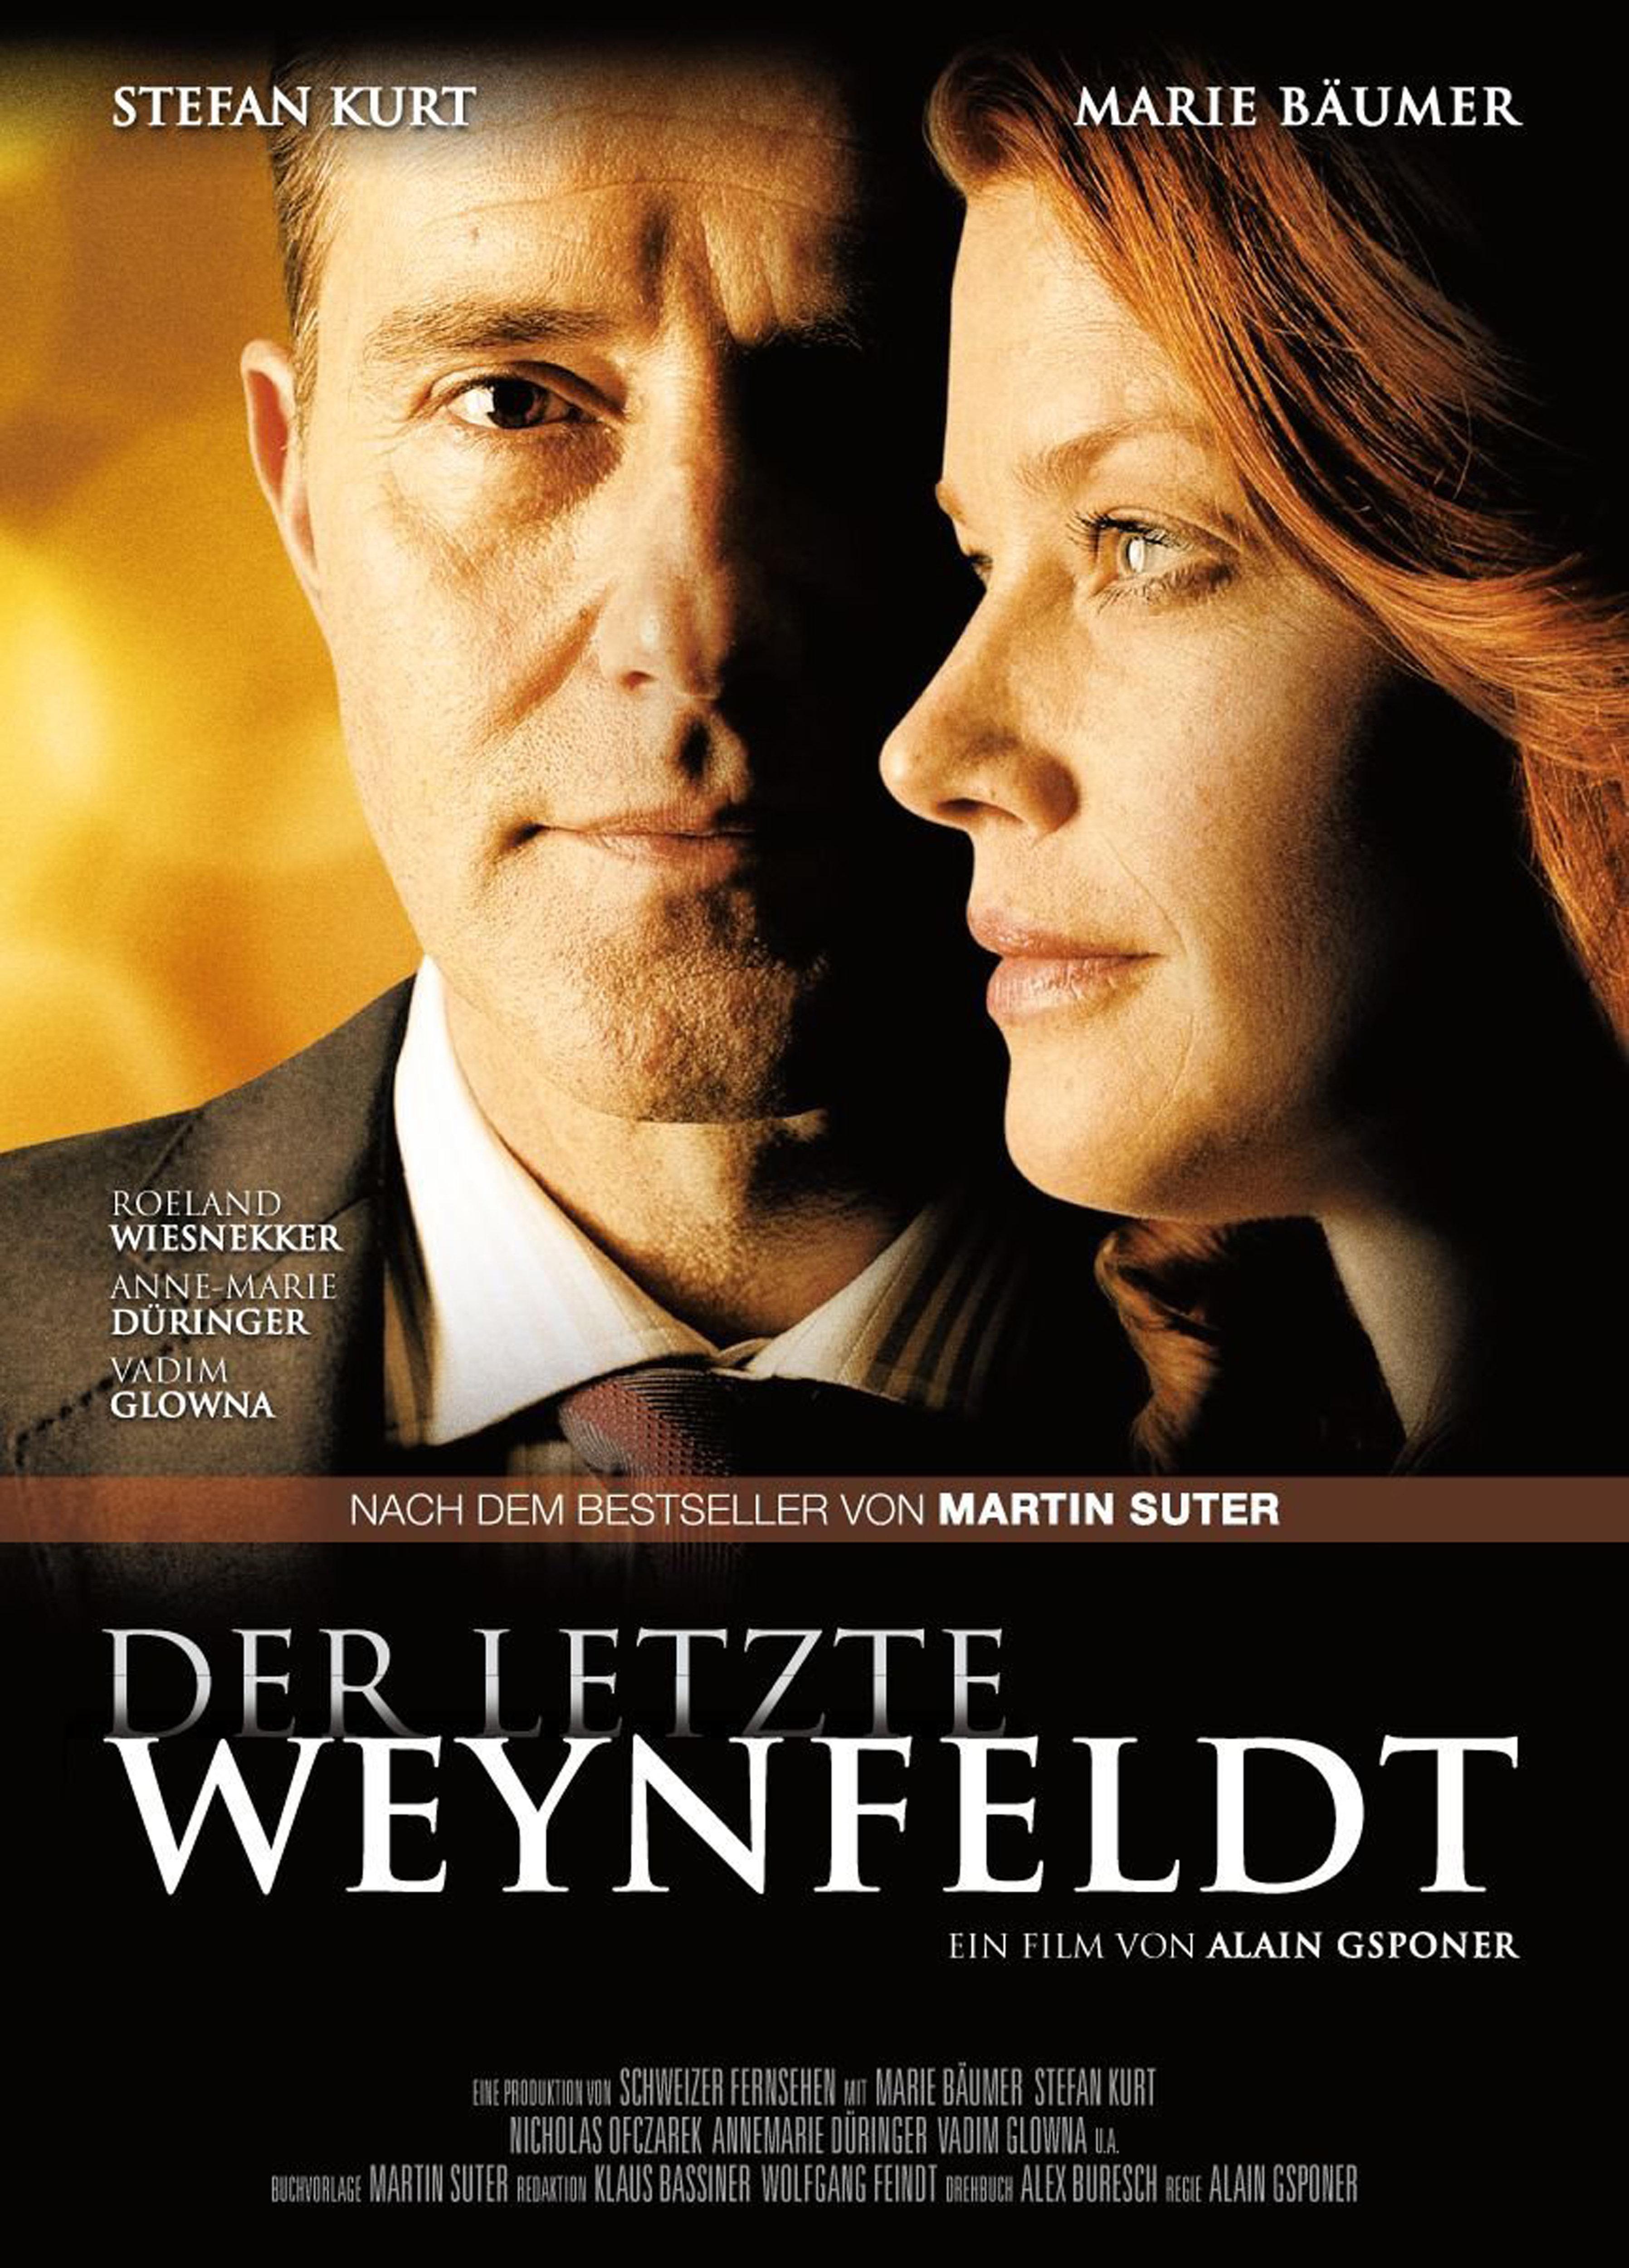 der letzte weynfeldt film stream